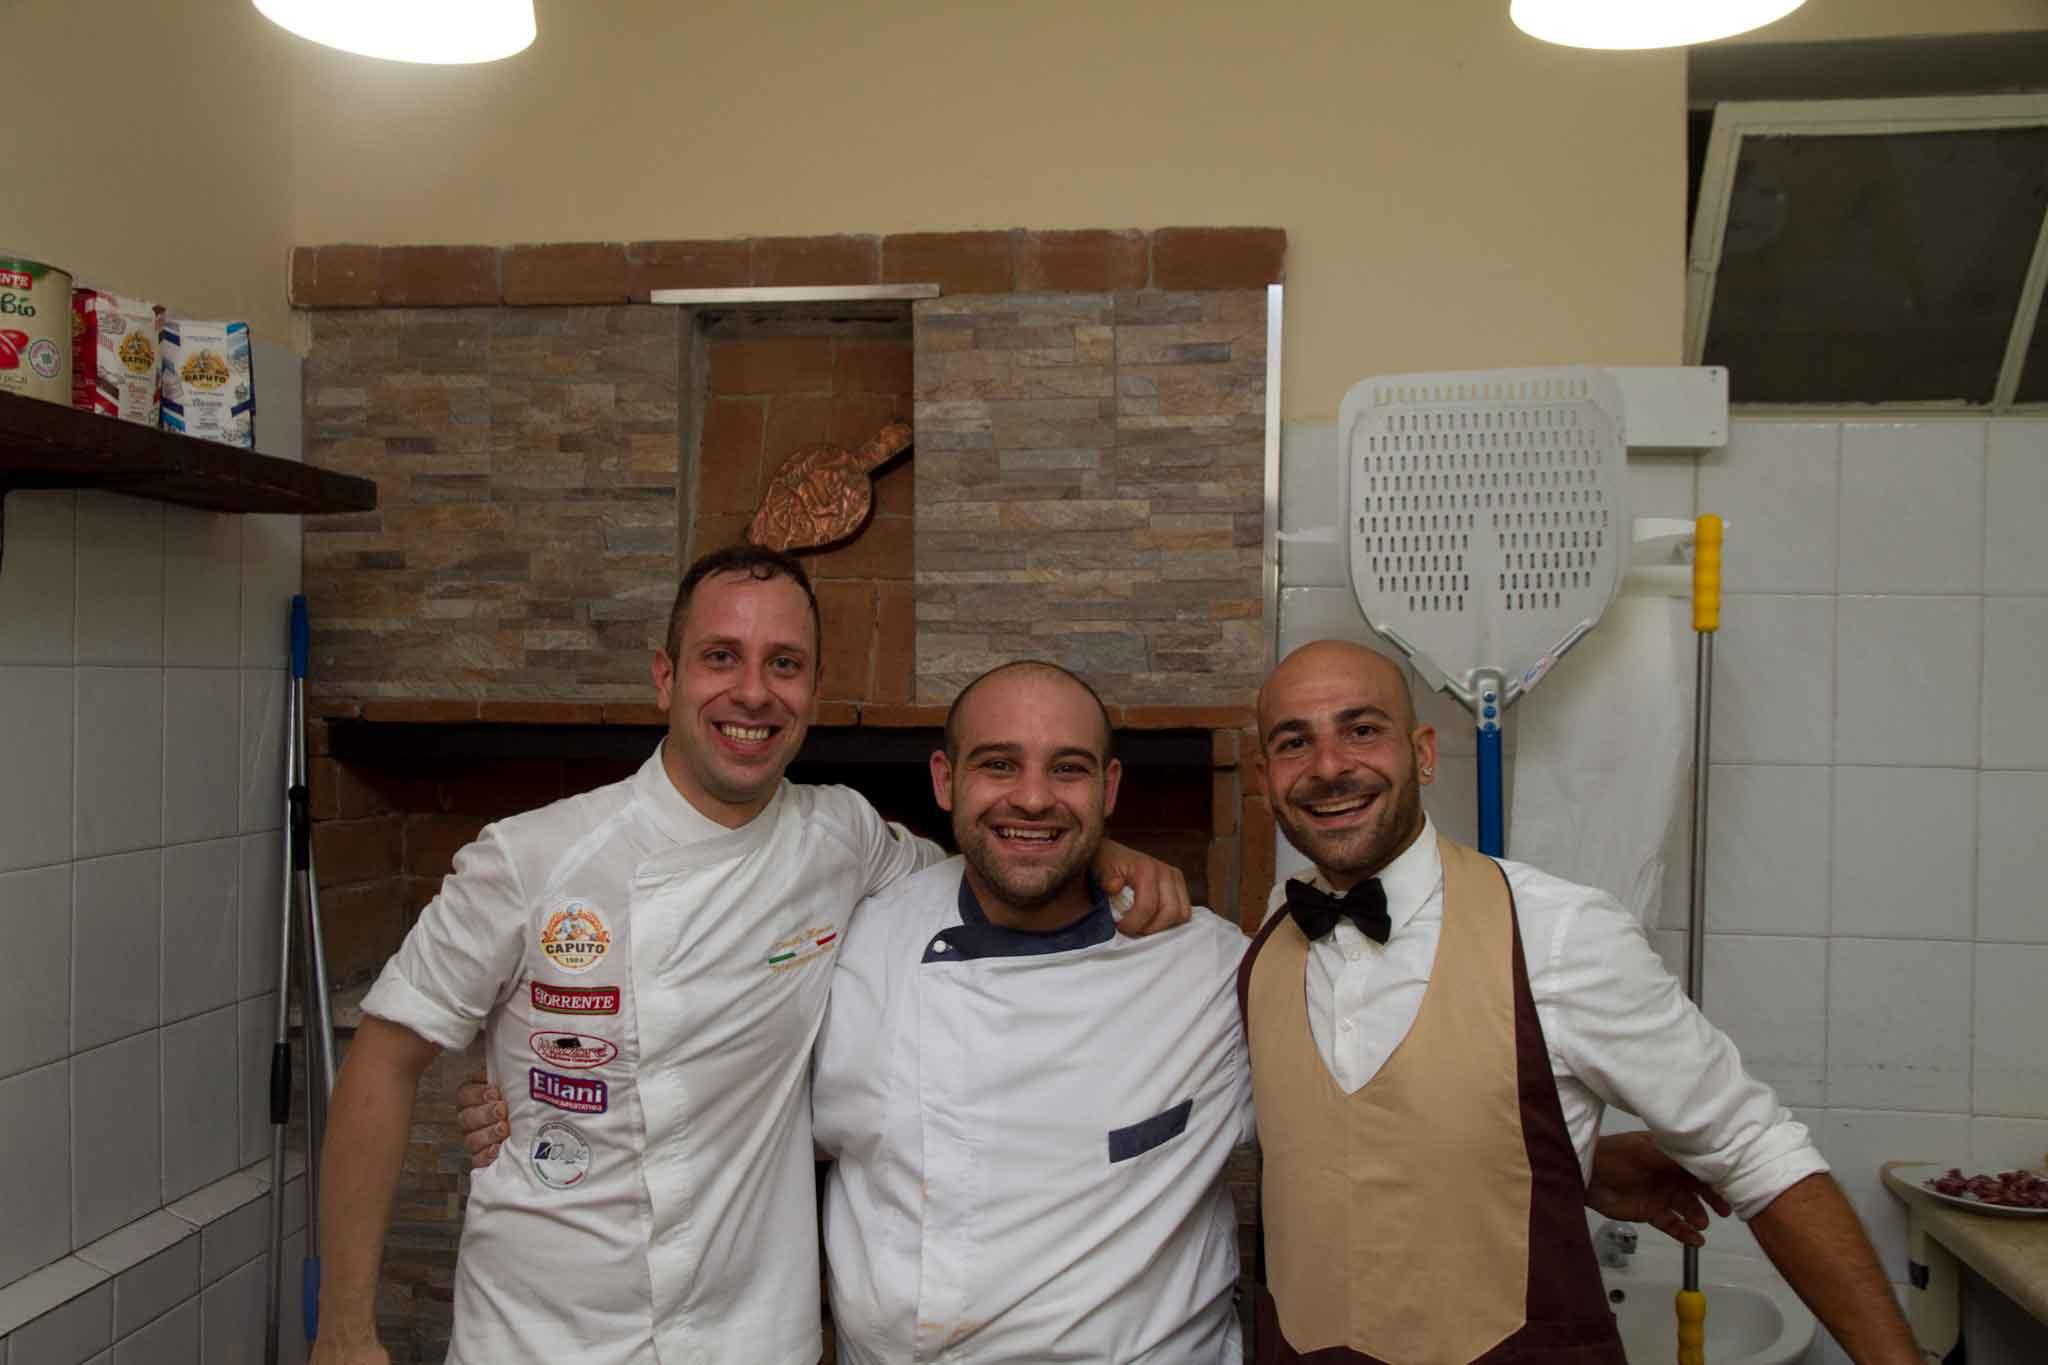 Marco Attanucci pizzeria La Spiga